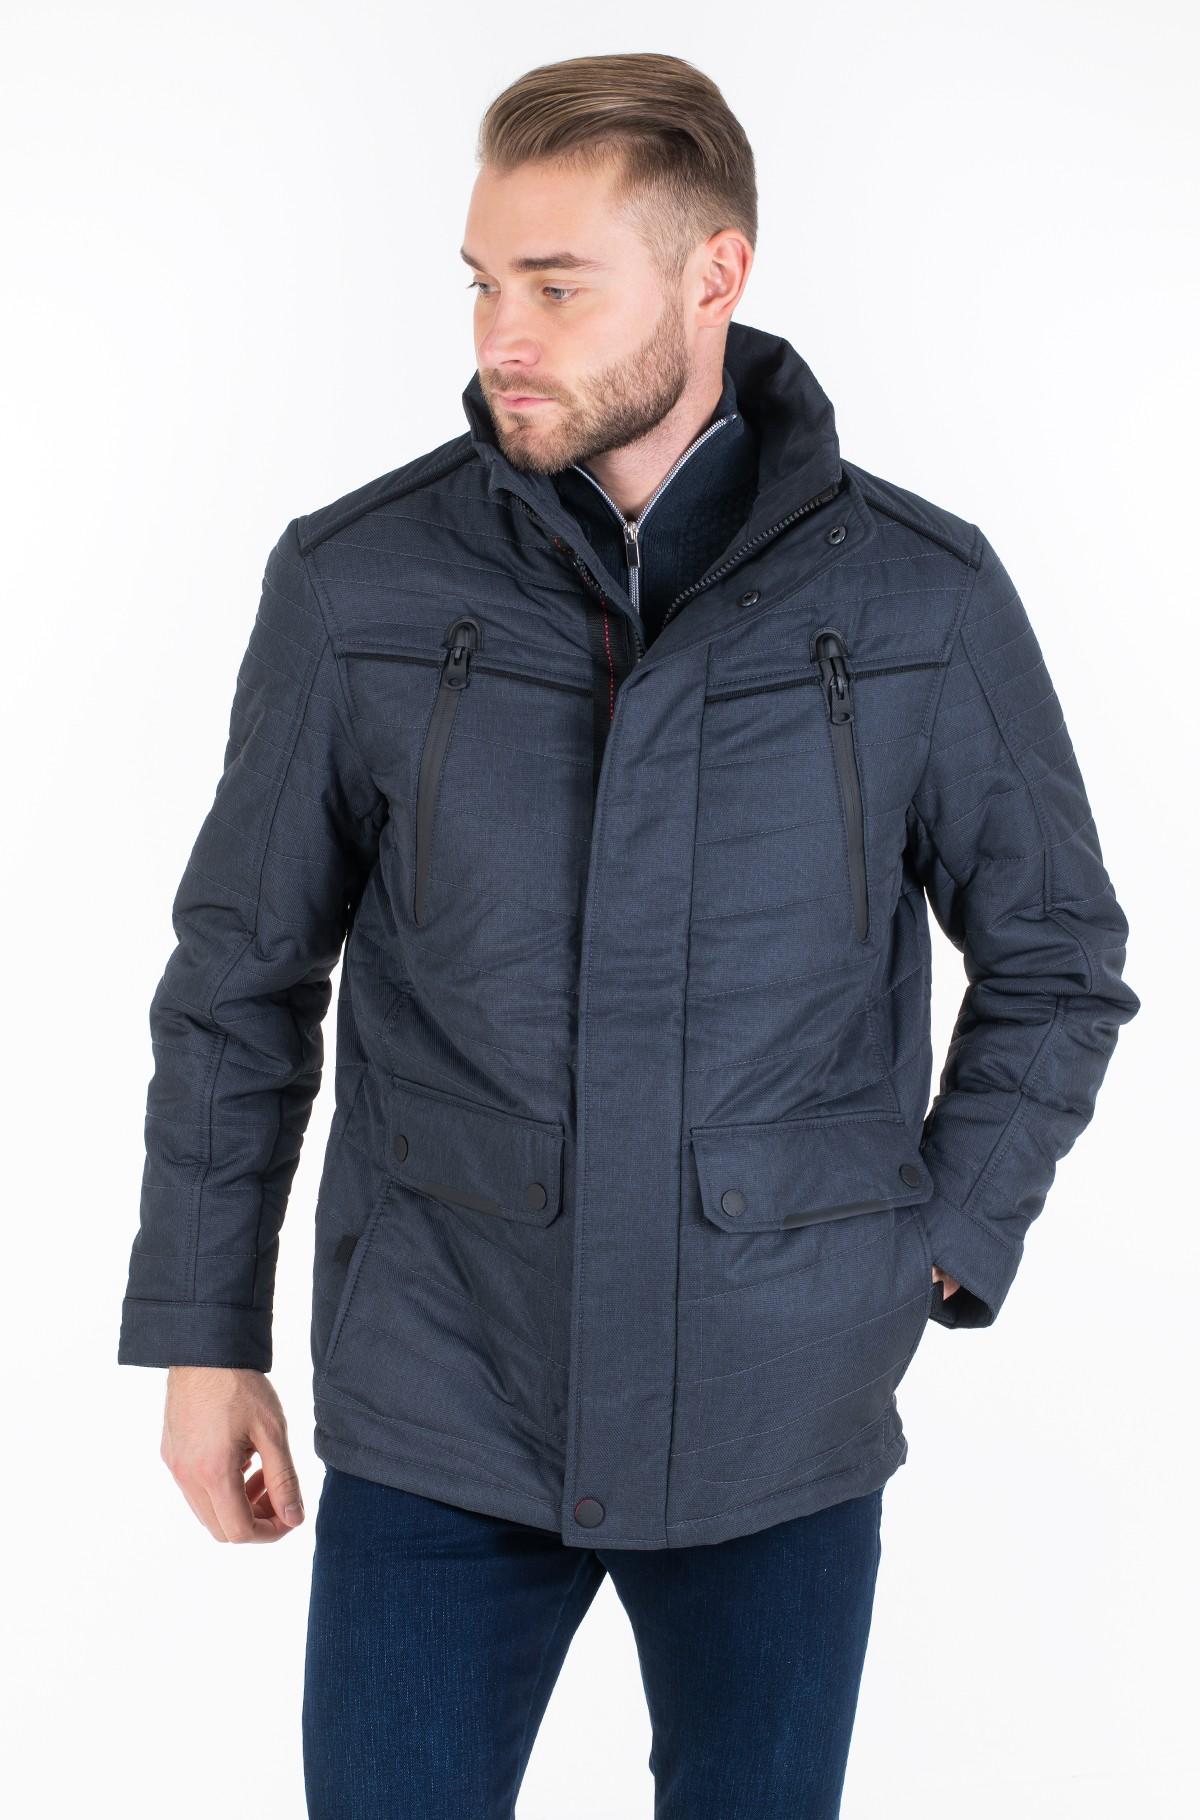 Heatable jacket 8150314-full-1